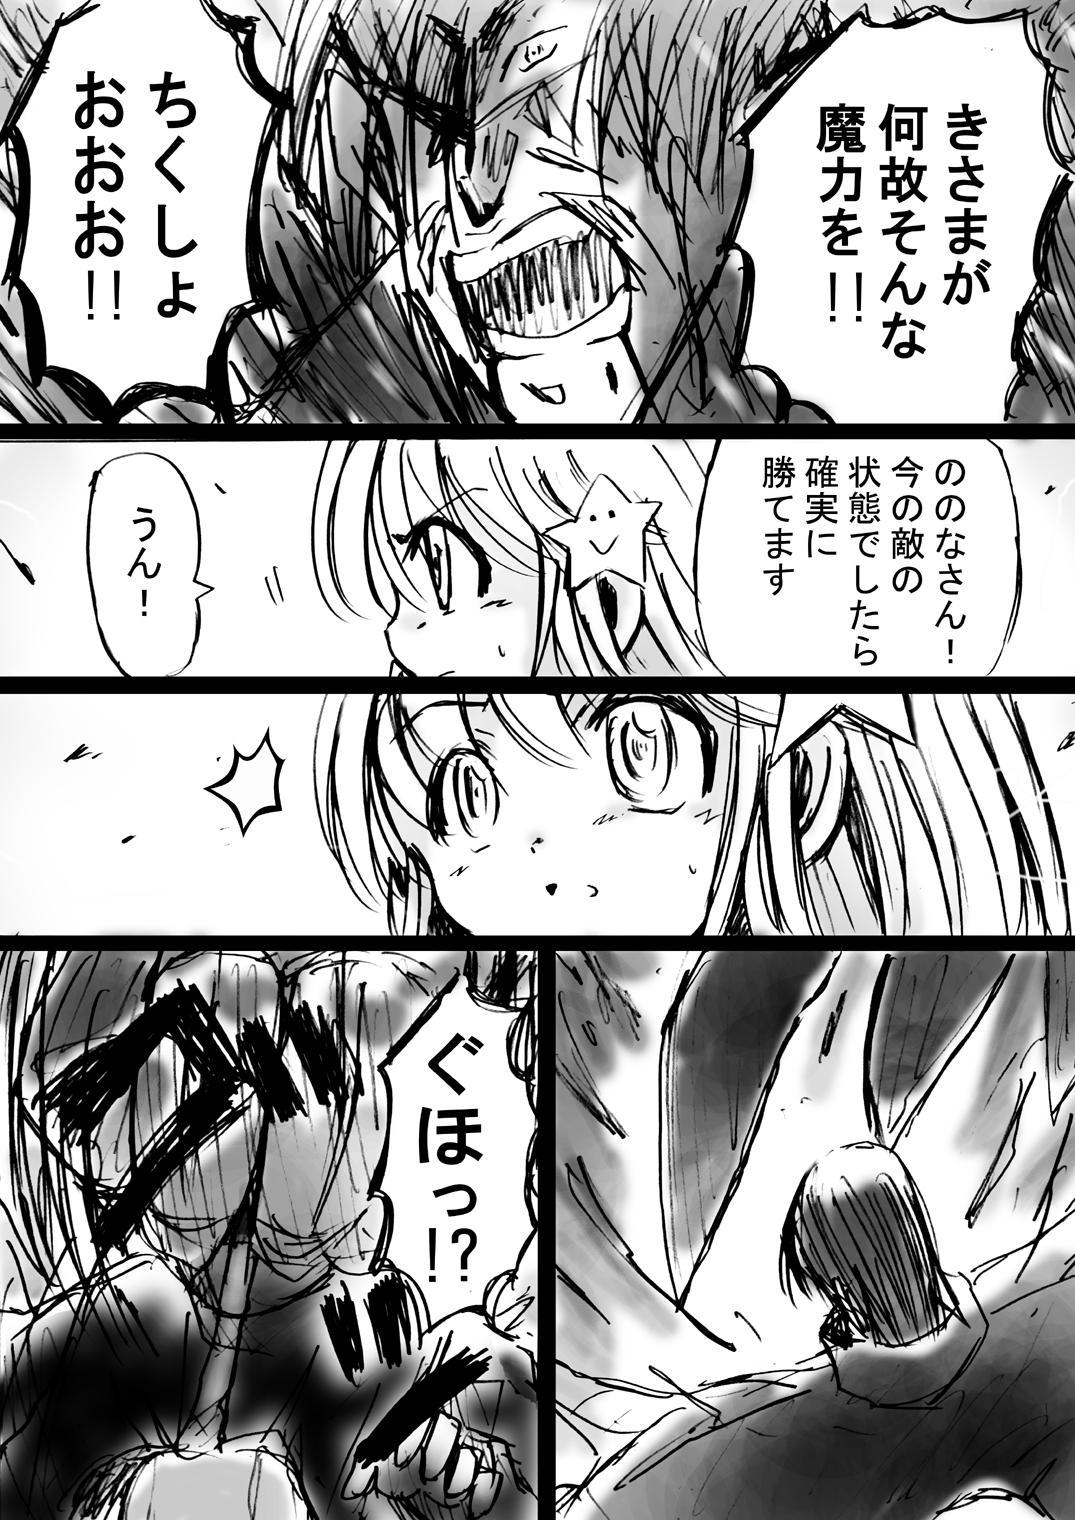 [Dende] Fushigi Sekai -Mystery World- Nonoha 5 ~Jokuma no Kyouniku no Tainai Shinshoku~ 135